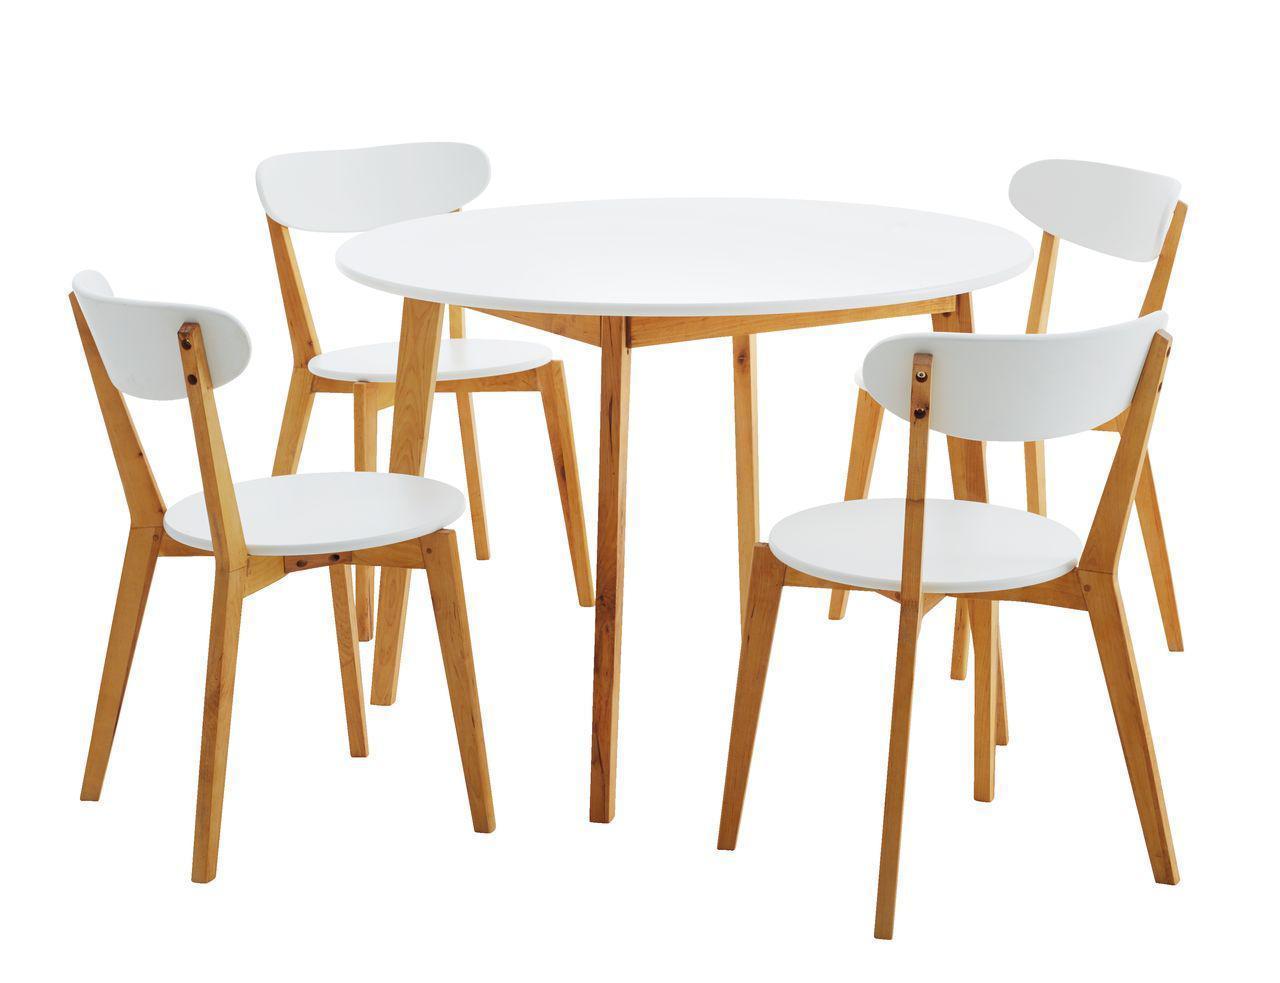 🏡Комплект кухонный компактный белый (стол круглый + 4 стула) | стол кухонный, стол и стул кухонный, комплект мебели, комплект кухонной мебели, стол и